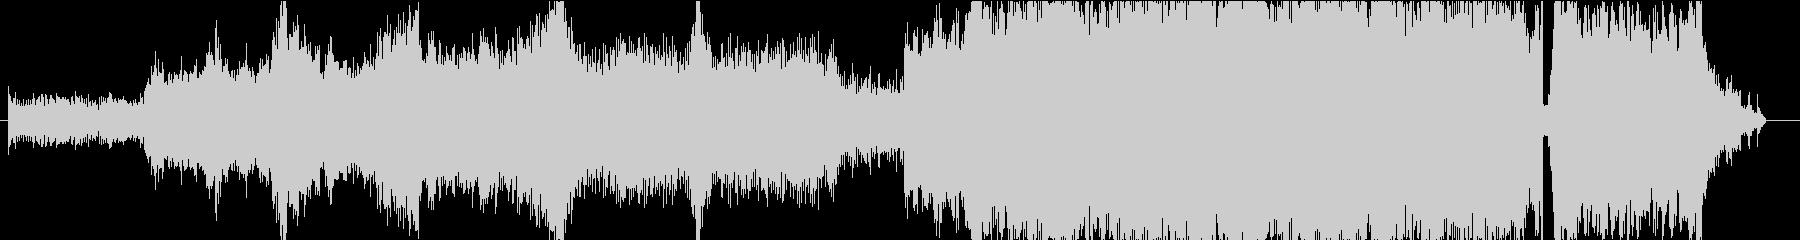 オーケストラとシンセの未来的ハイブリッドの未再生の波形